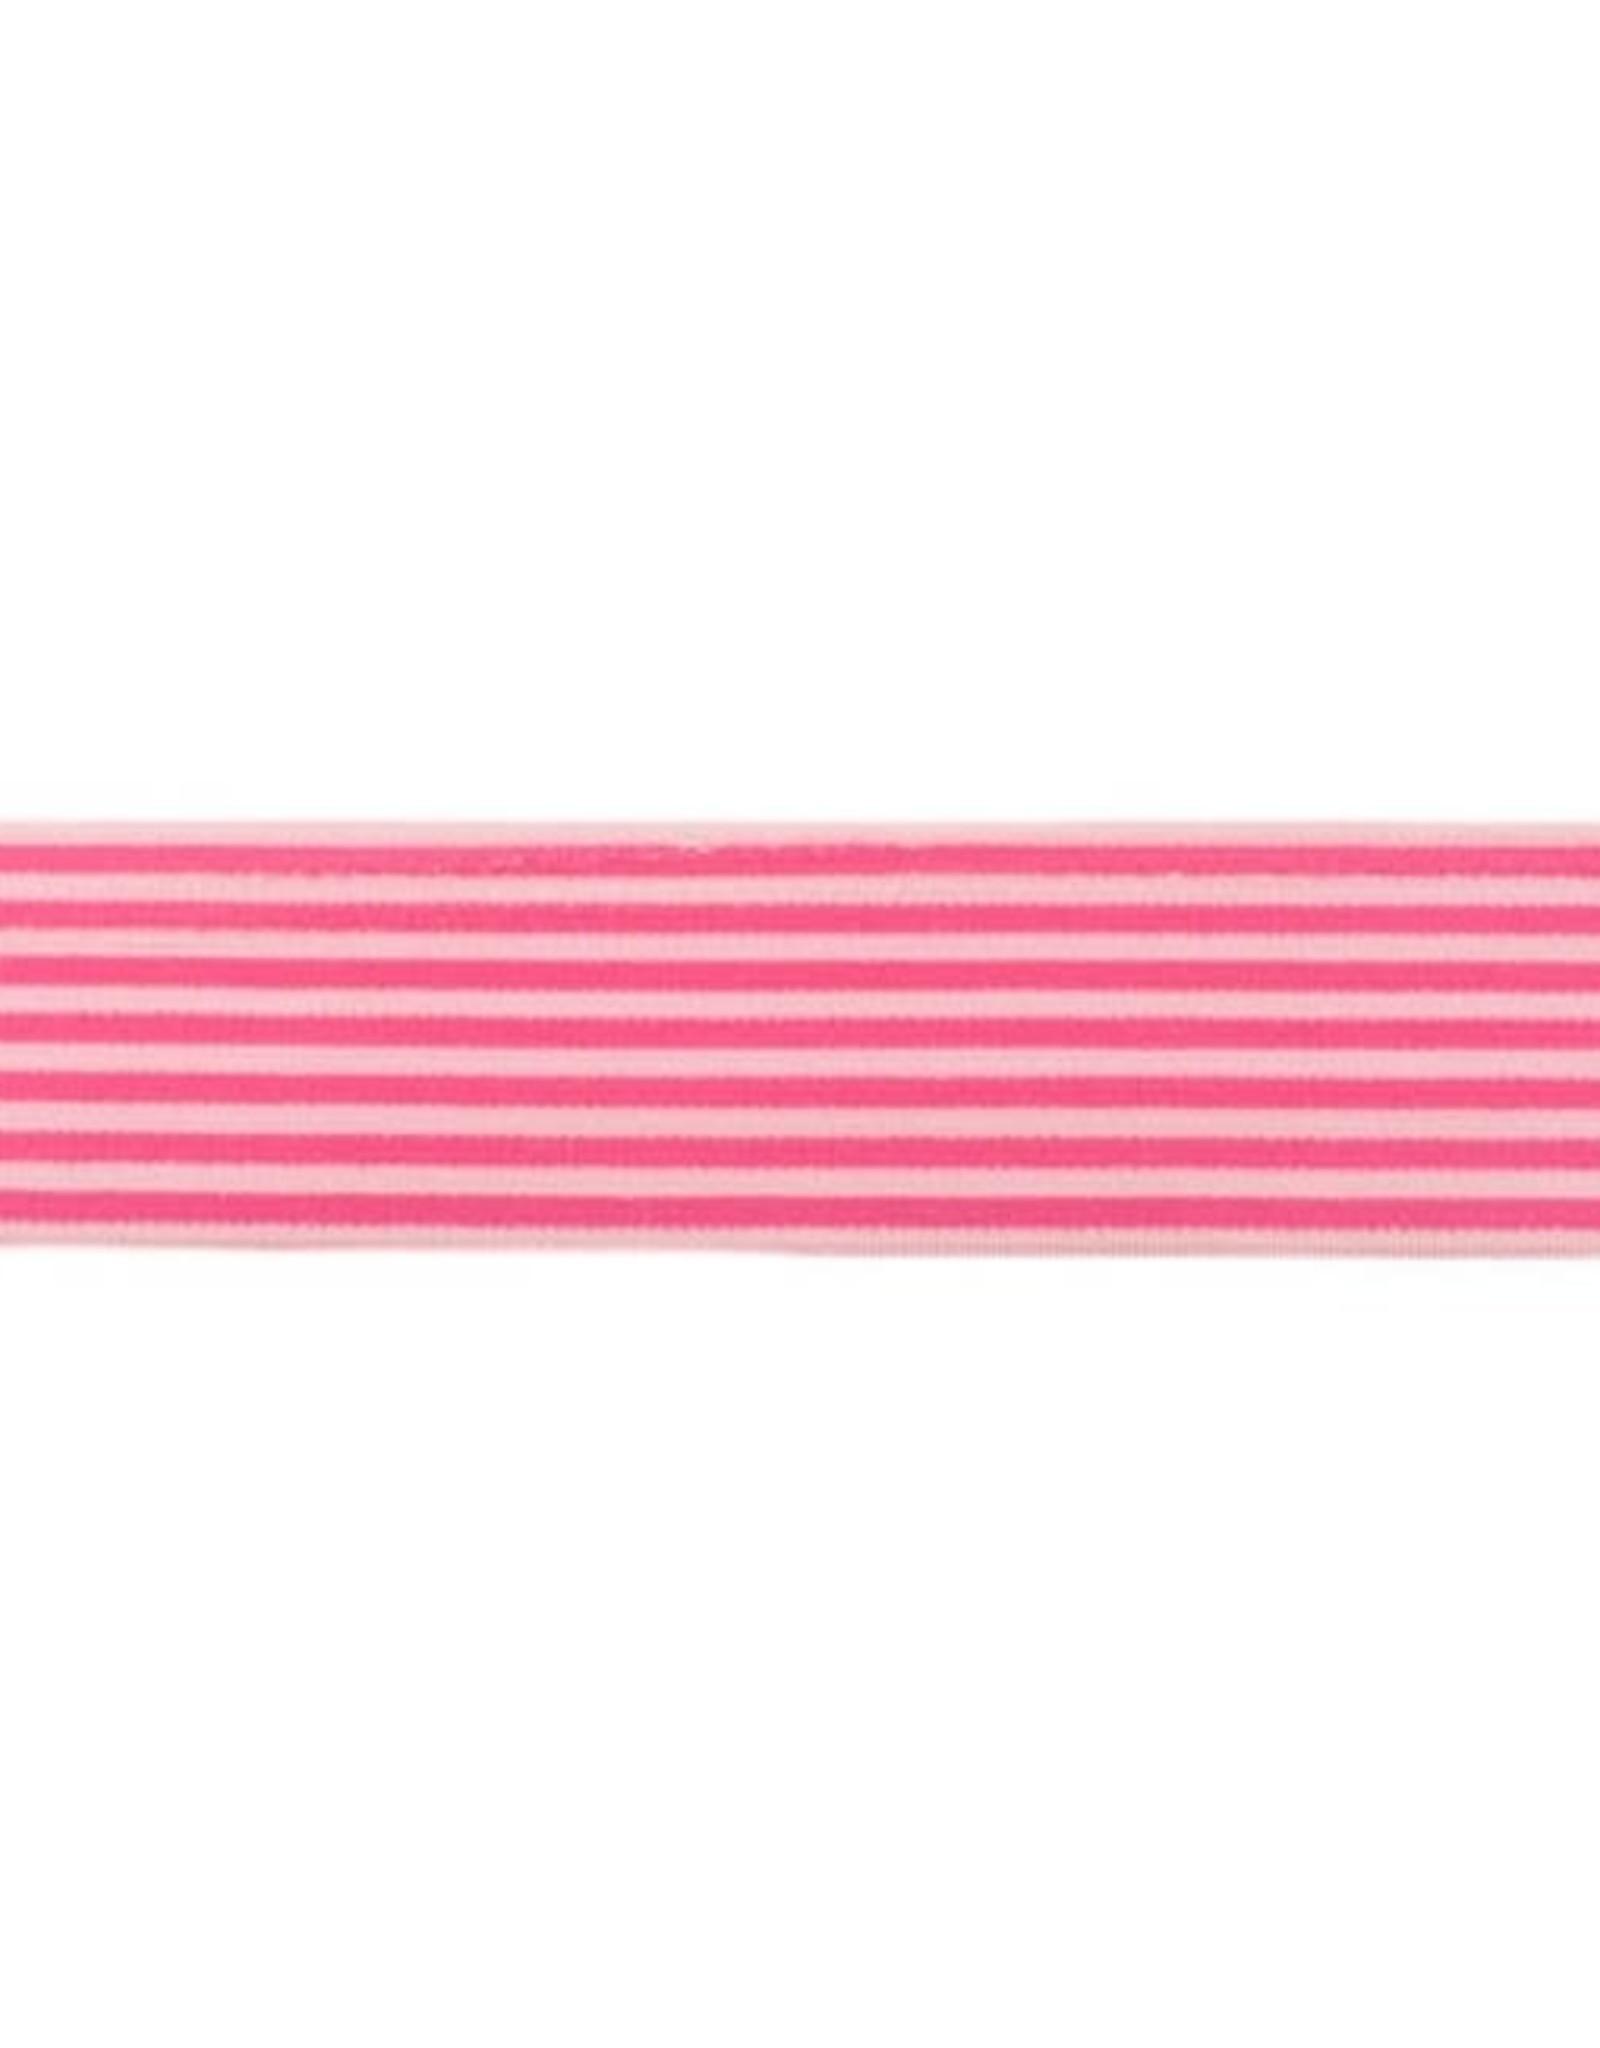 Zachte Gestreepte Elastiek 40mm - Roze